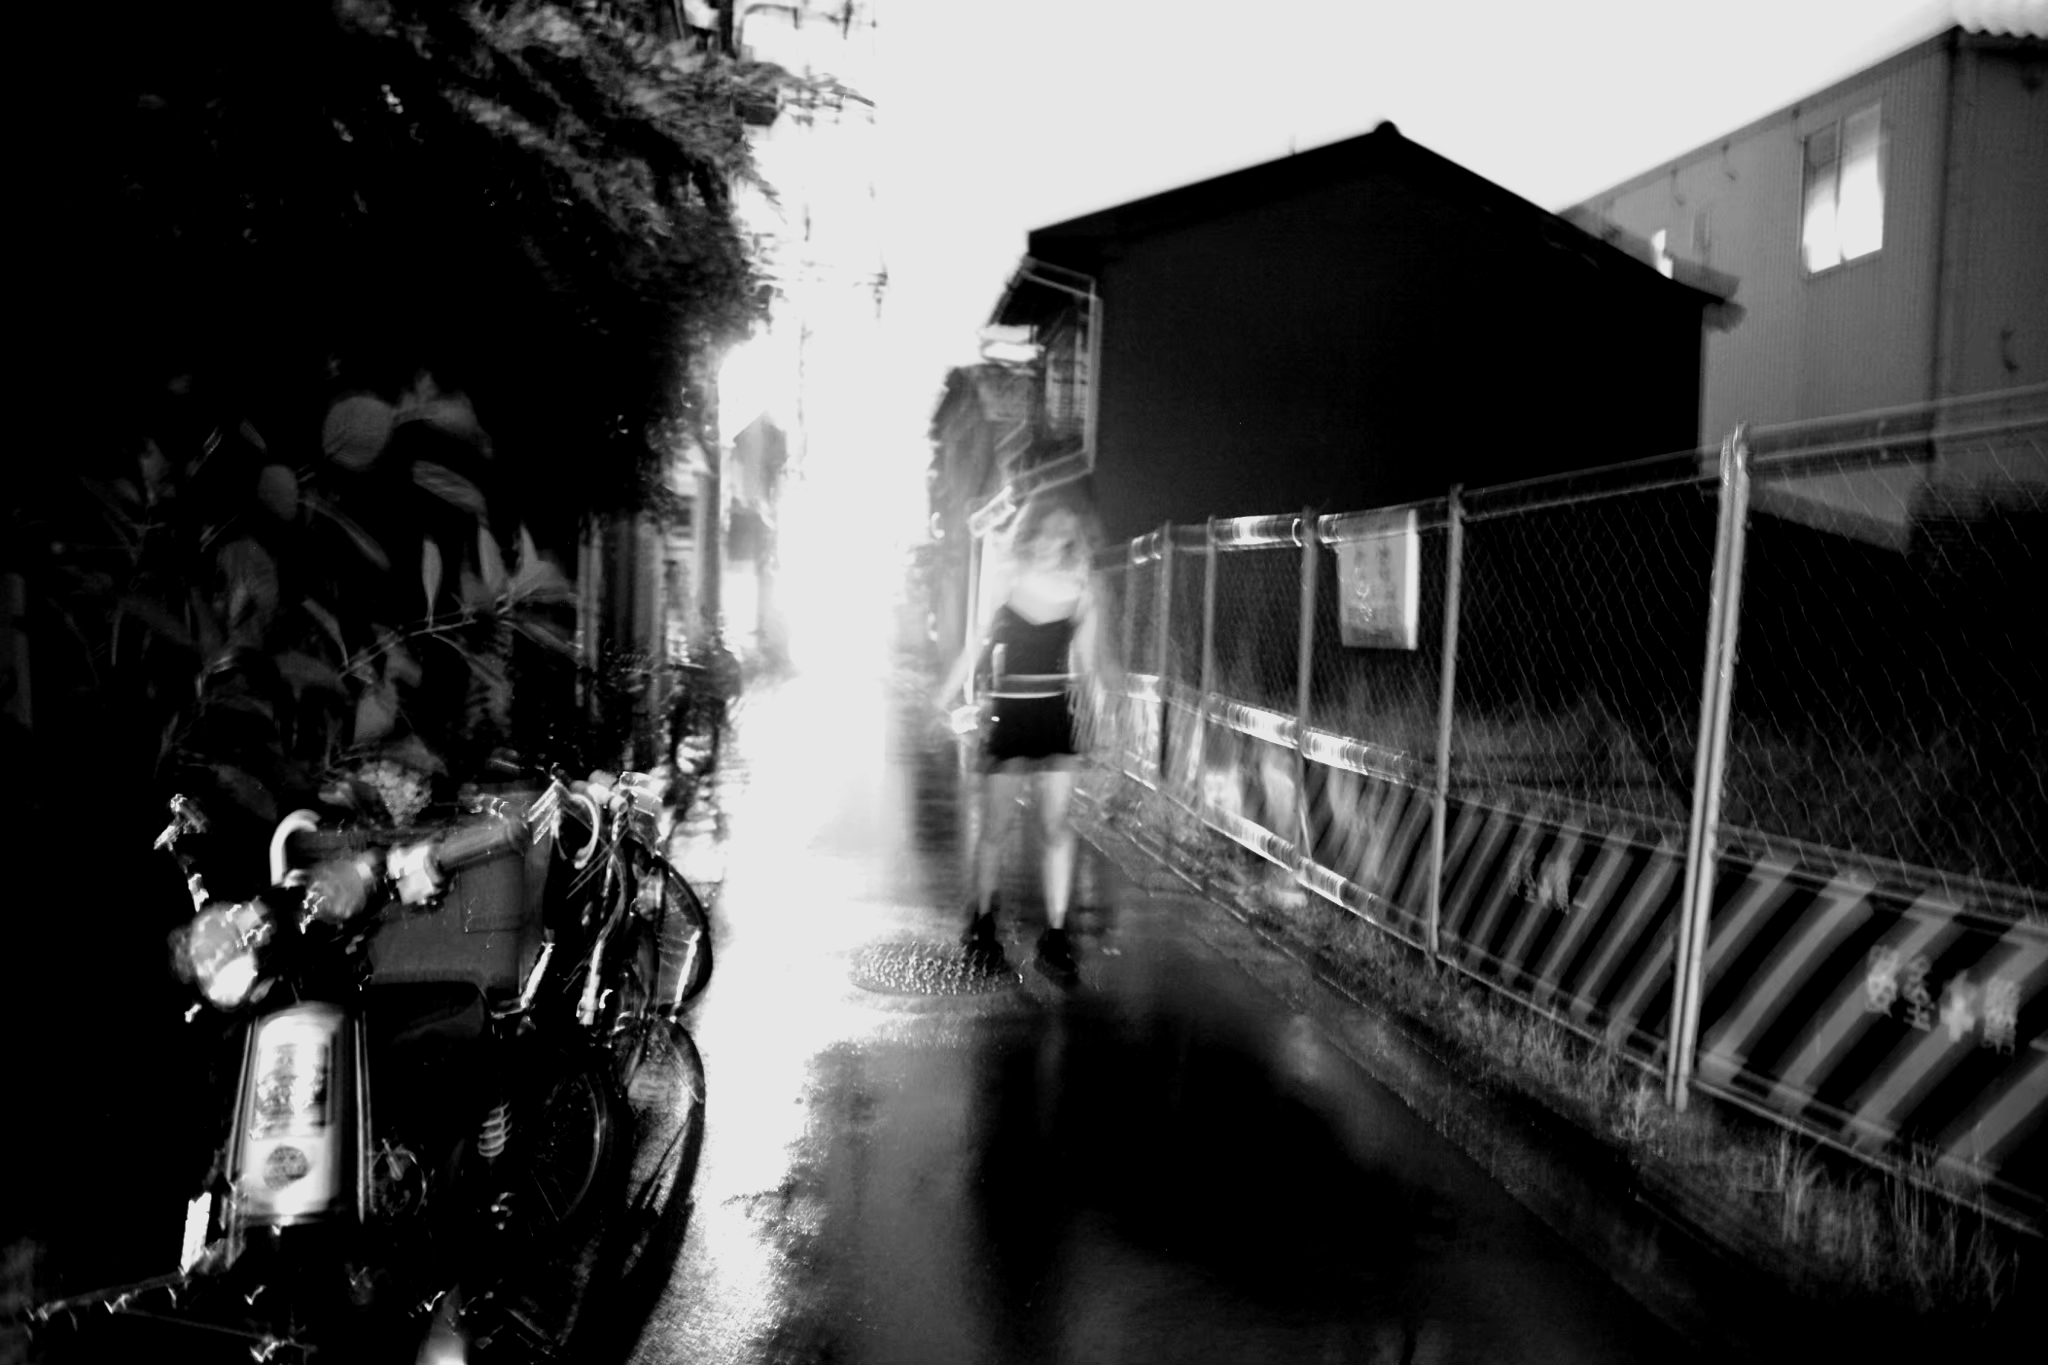 J_191013_0033_edited_edited